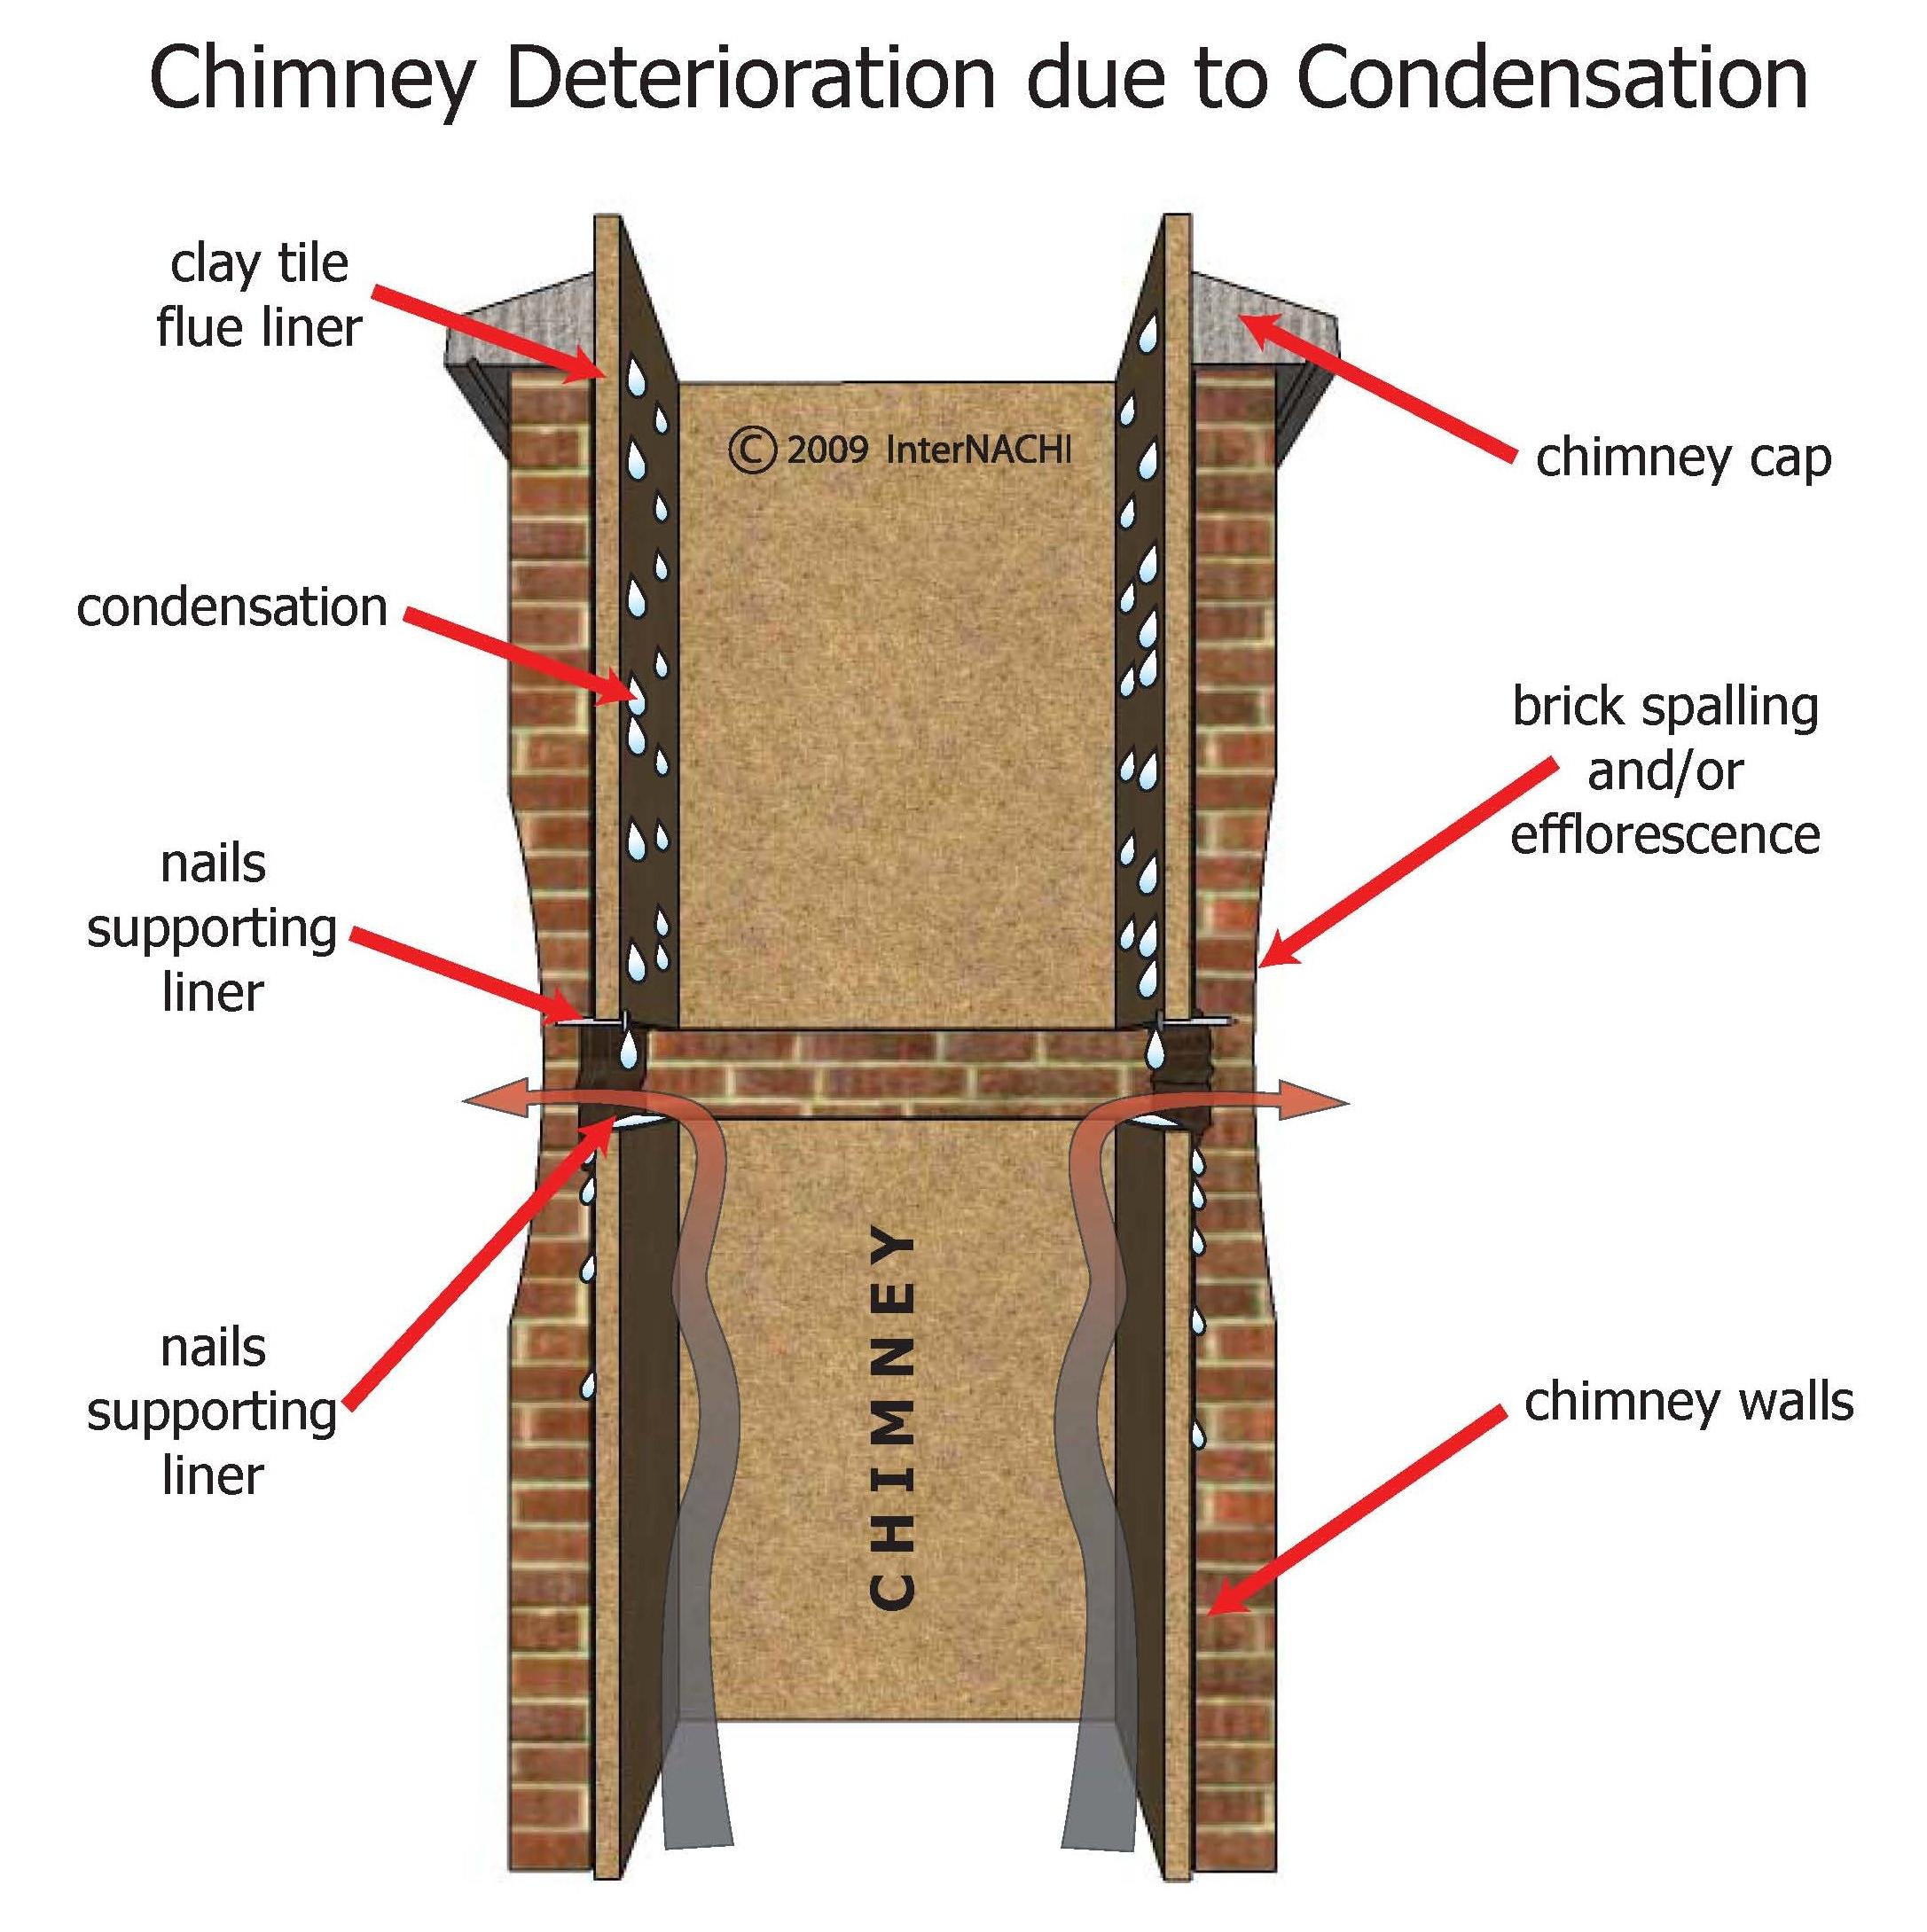 Chimney deterioration due to condensation.